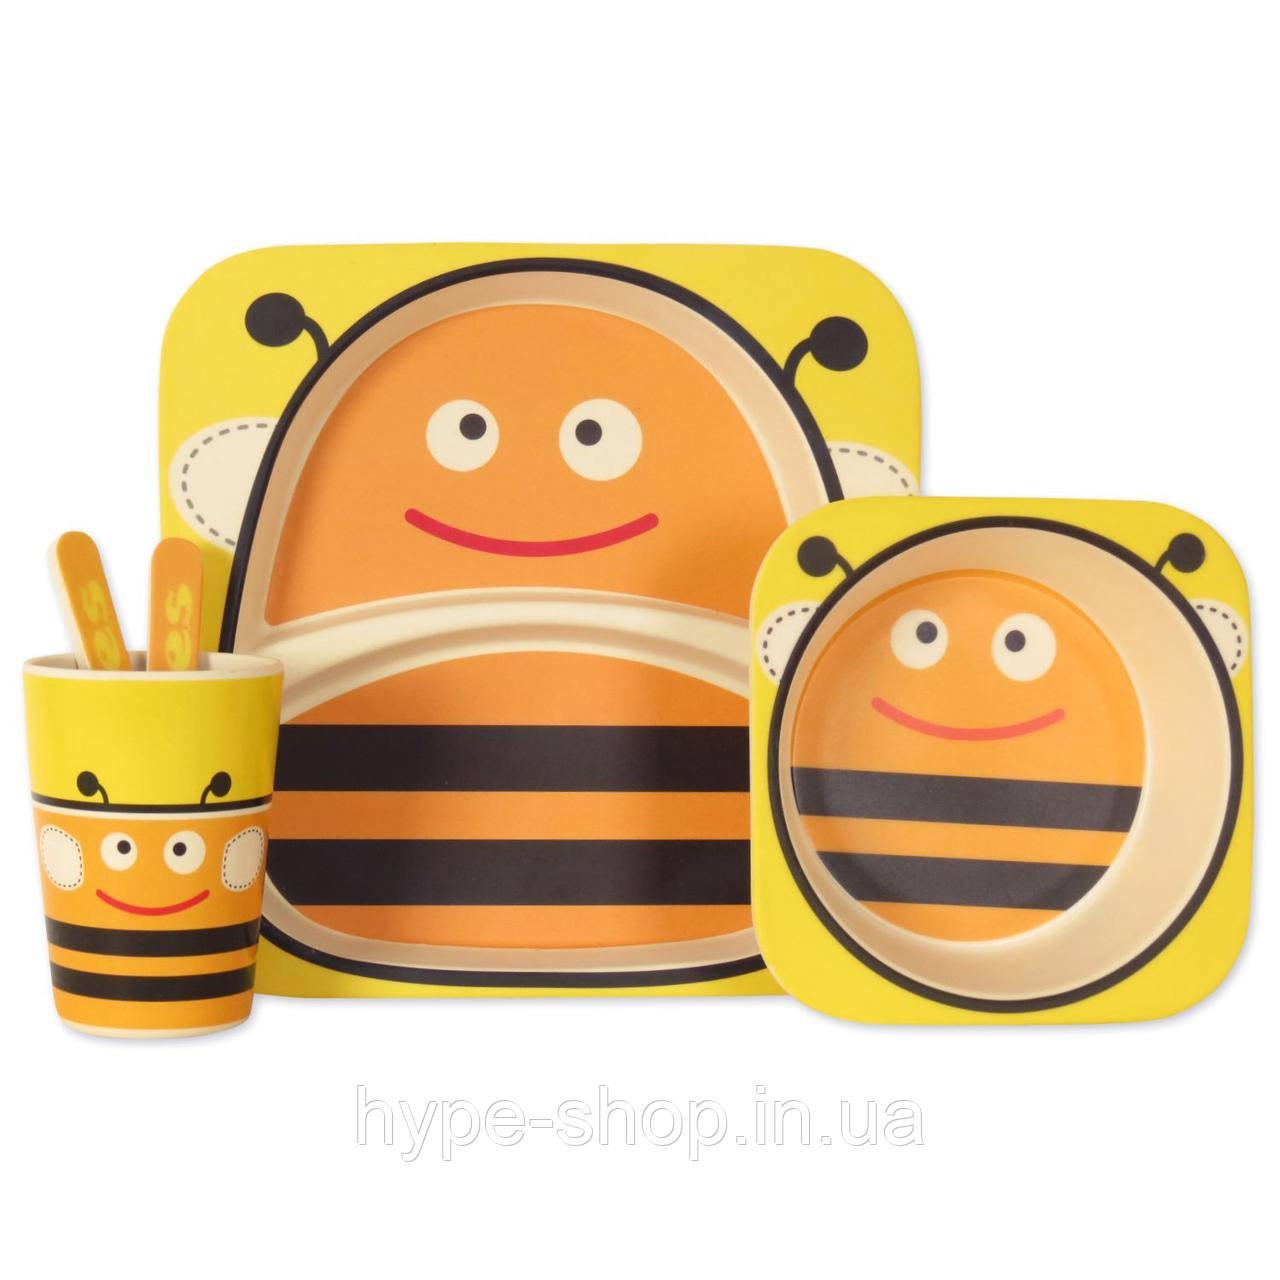 Набор детской посуды из бамбука  Пчелка (5 предметов)